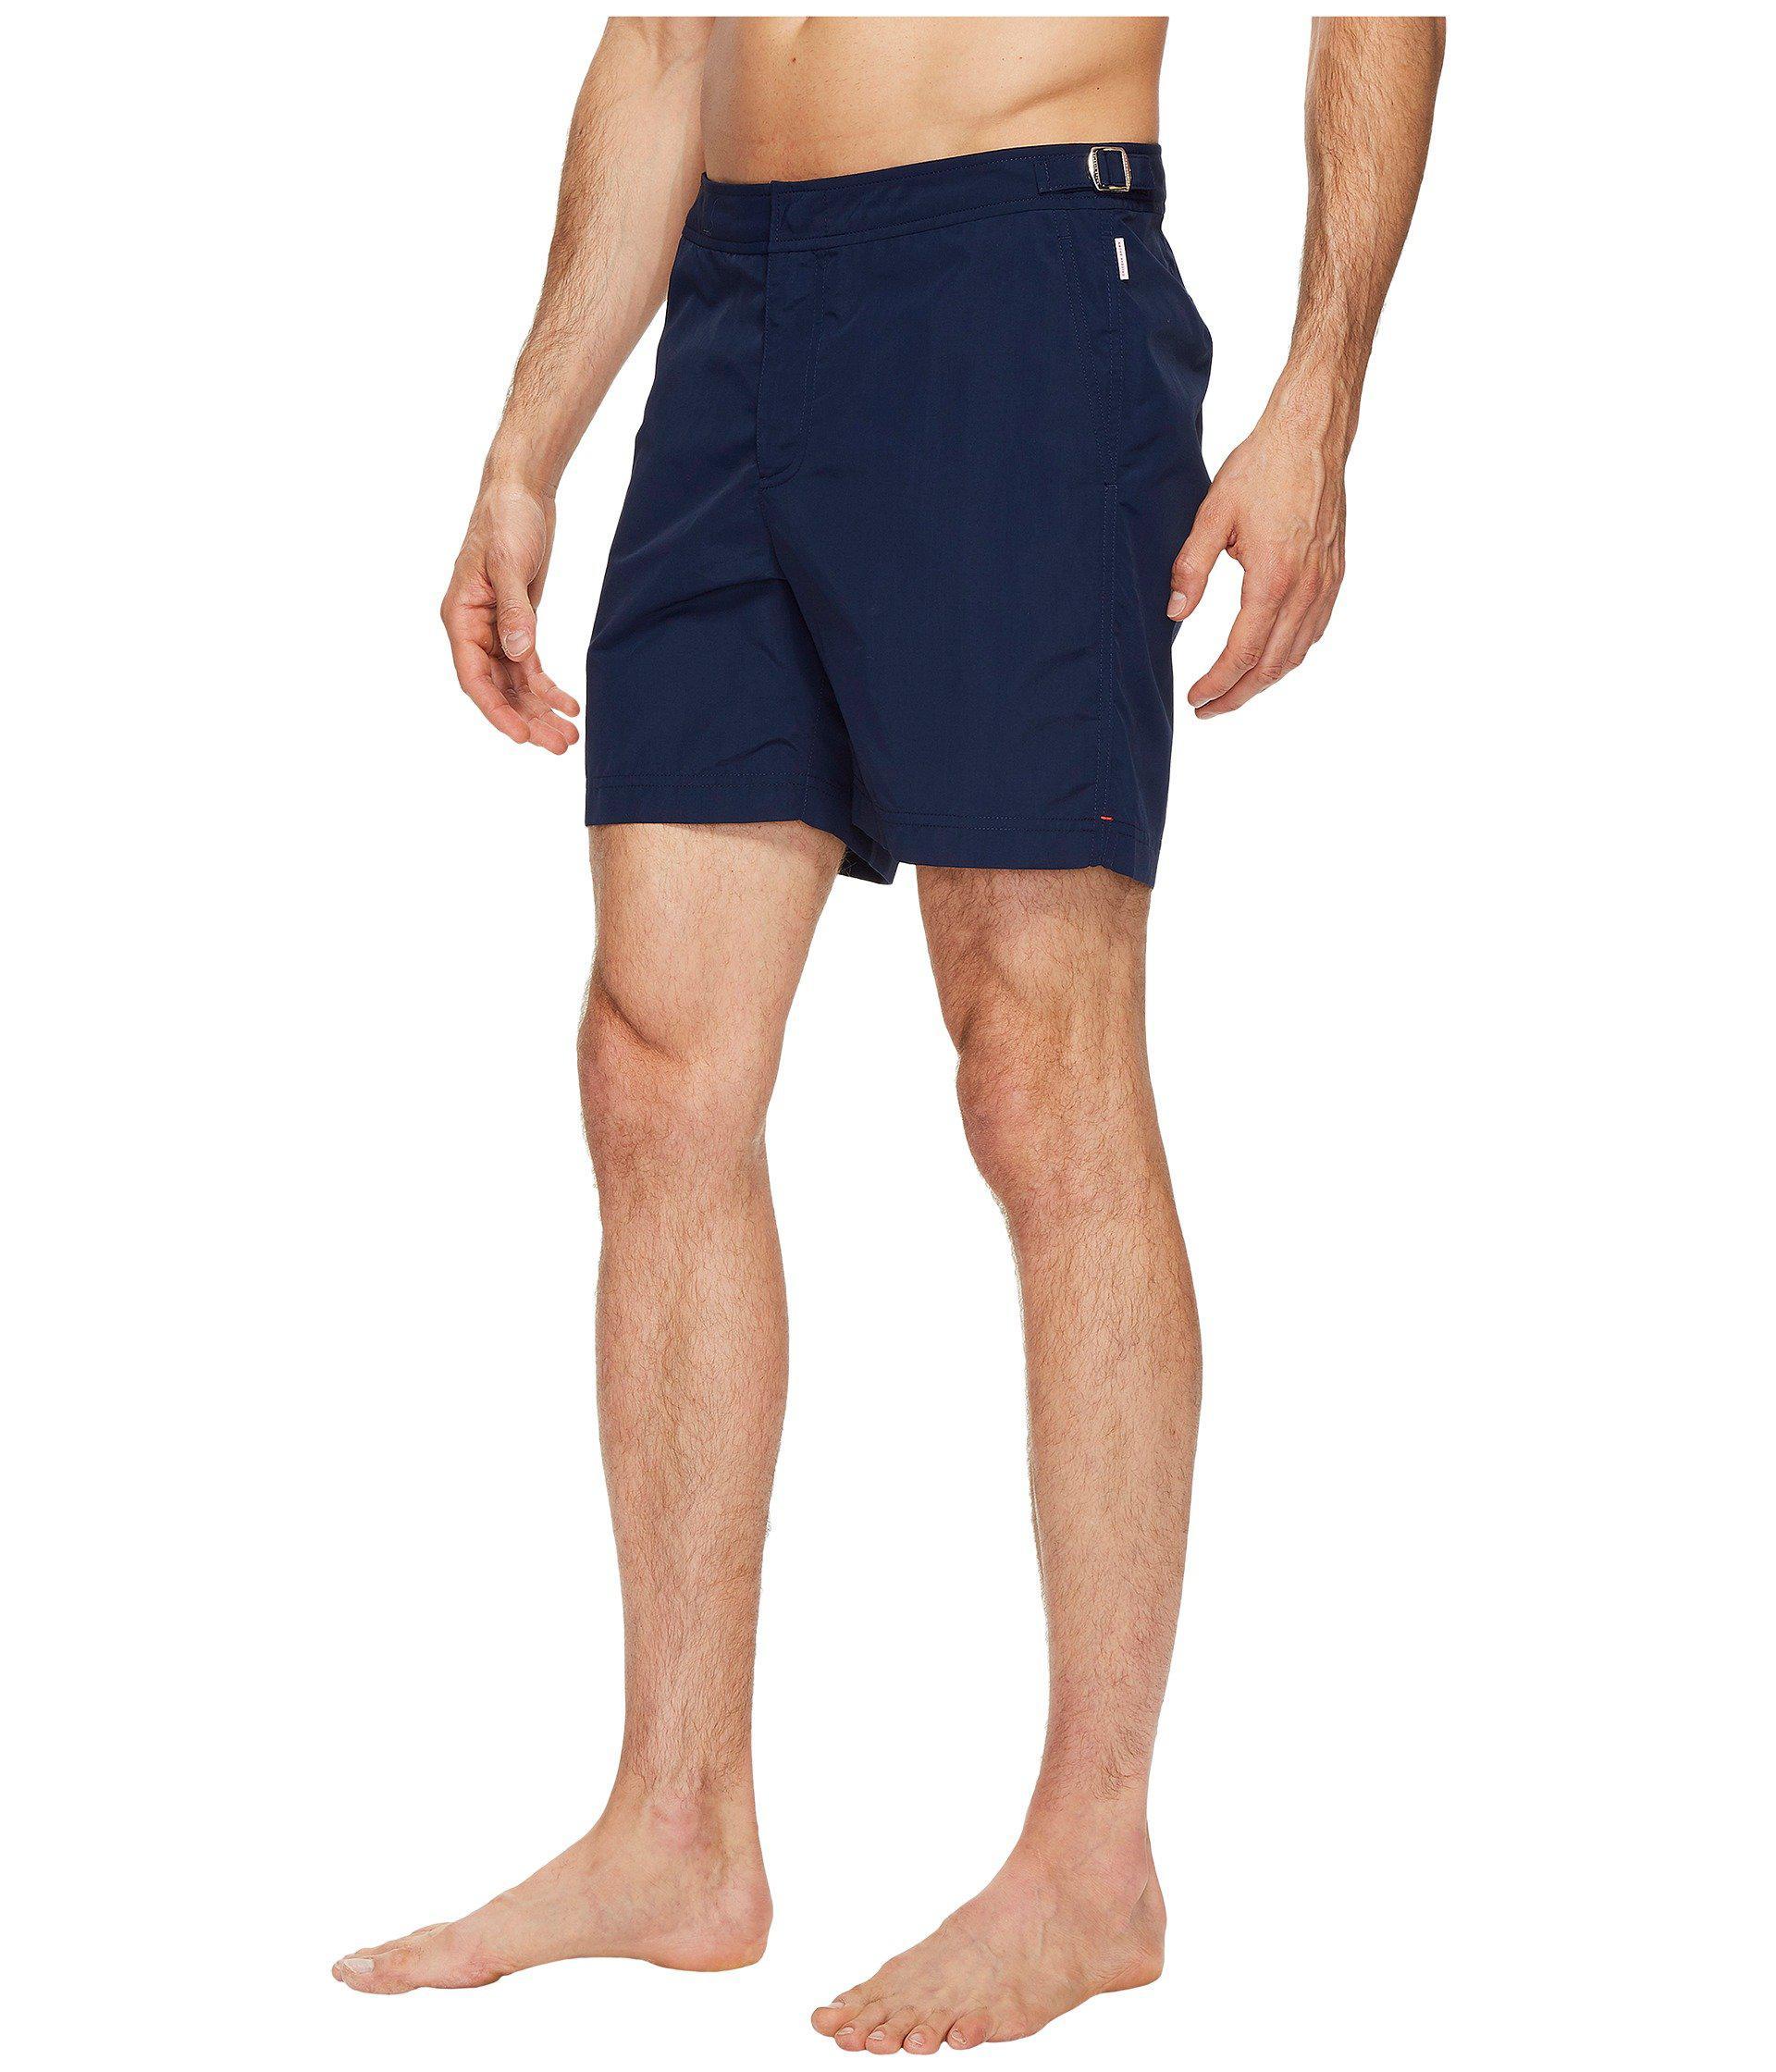 ff9294e251 Lyst - Orlebar Brown Bulldog Swimsuit (navy) Men's Swimwear in Blue for Men